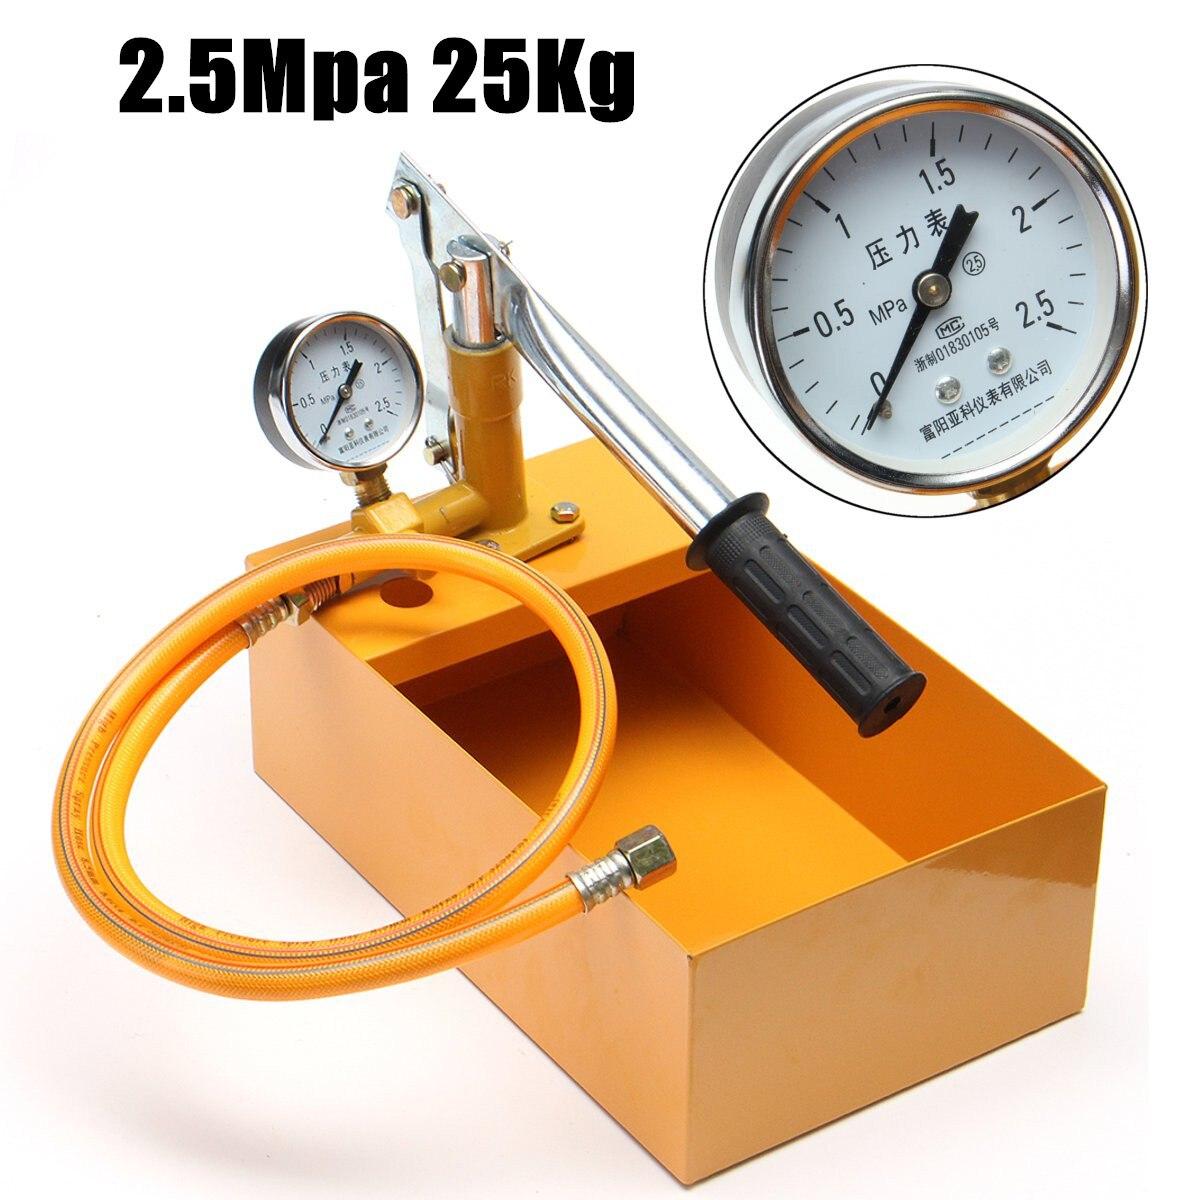 ZEAST 2.5Mpa 25 kg Manuel D'eau Pompe Test Pressure Pipe Outil De Mesure Approprié pour L'eau Hydraulique D'essai De Pression D'huile Pompe